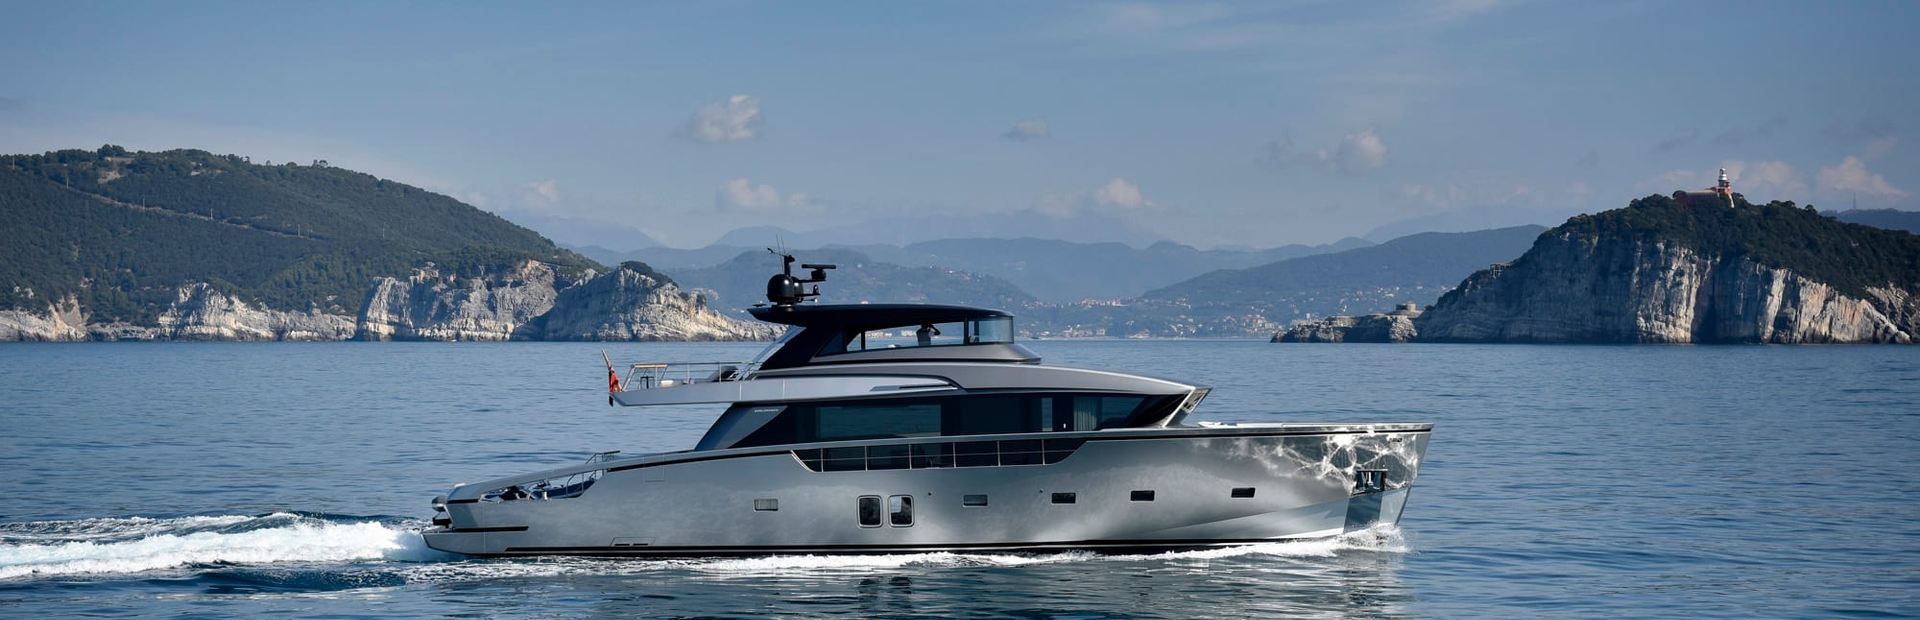 SX88 Yacht Charter